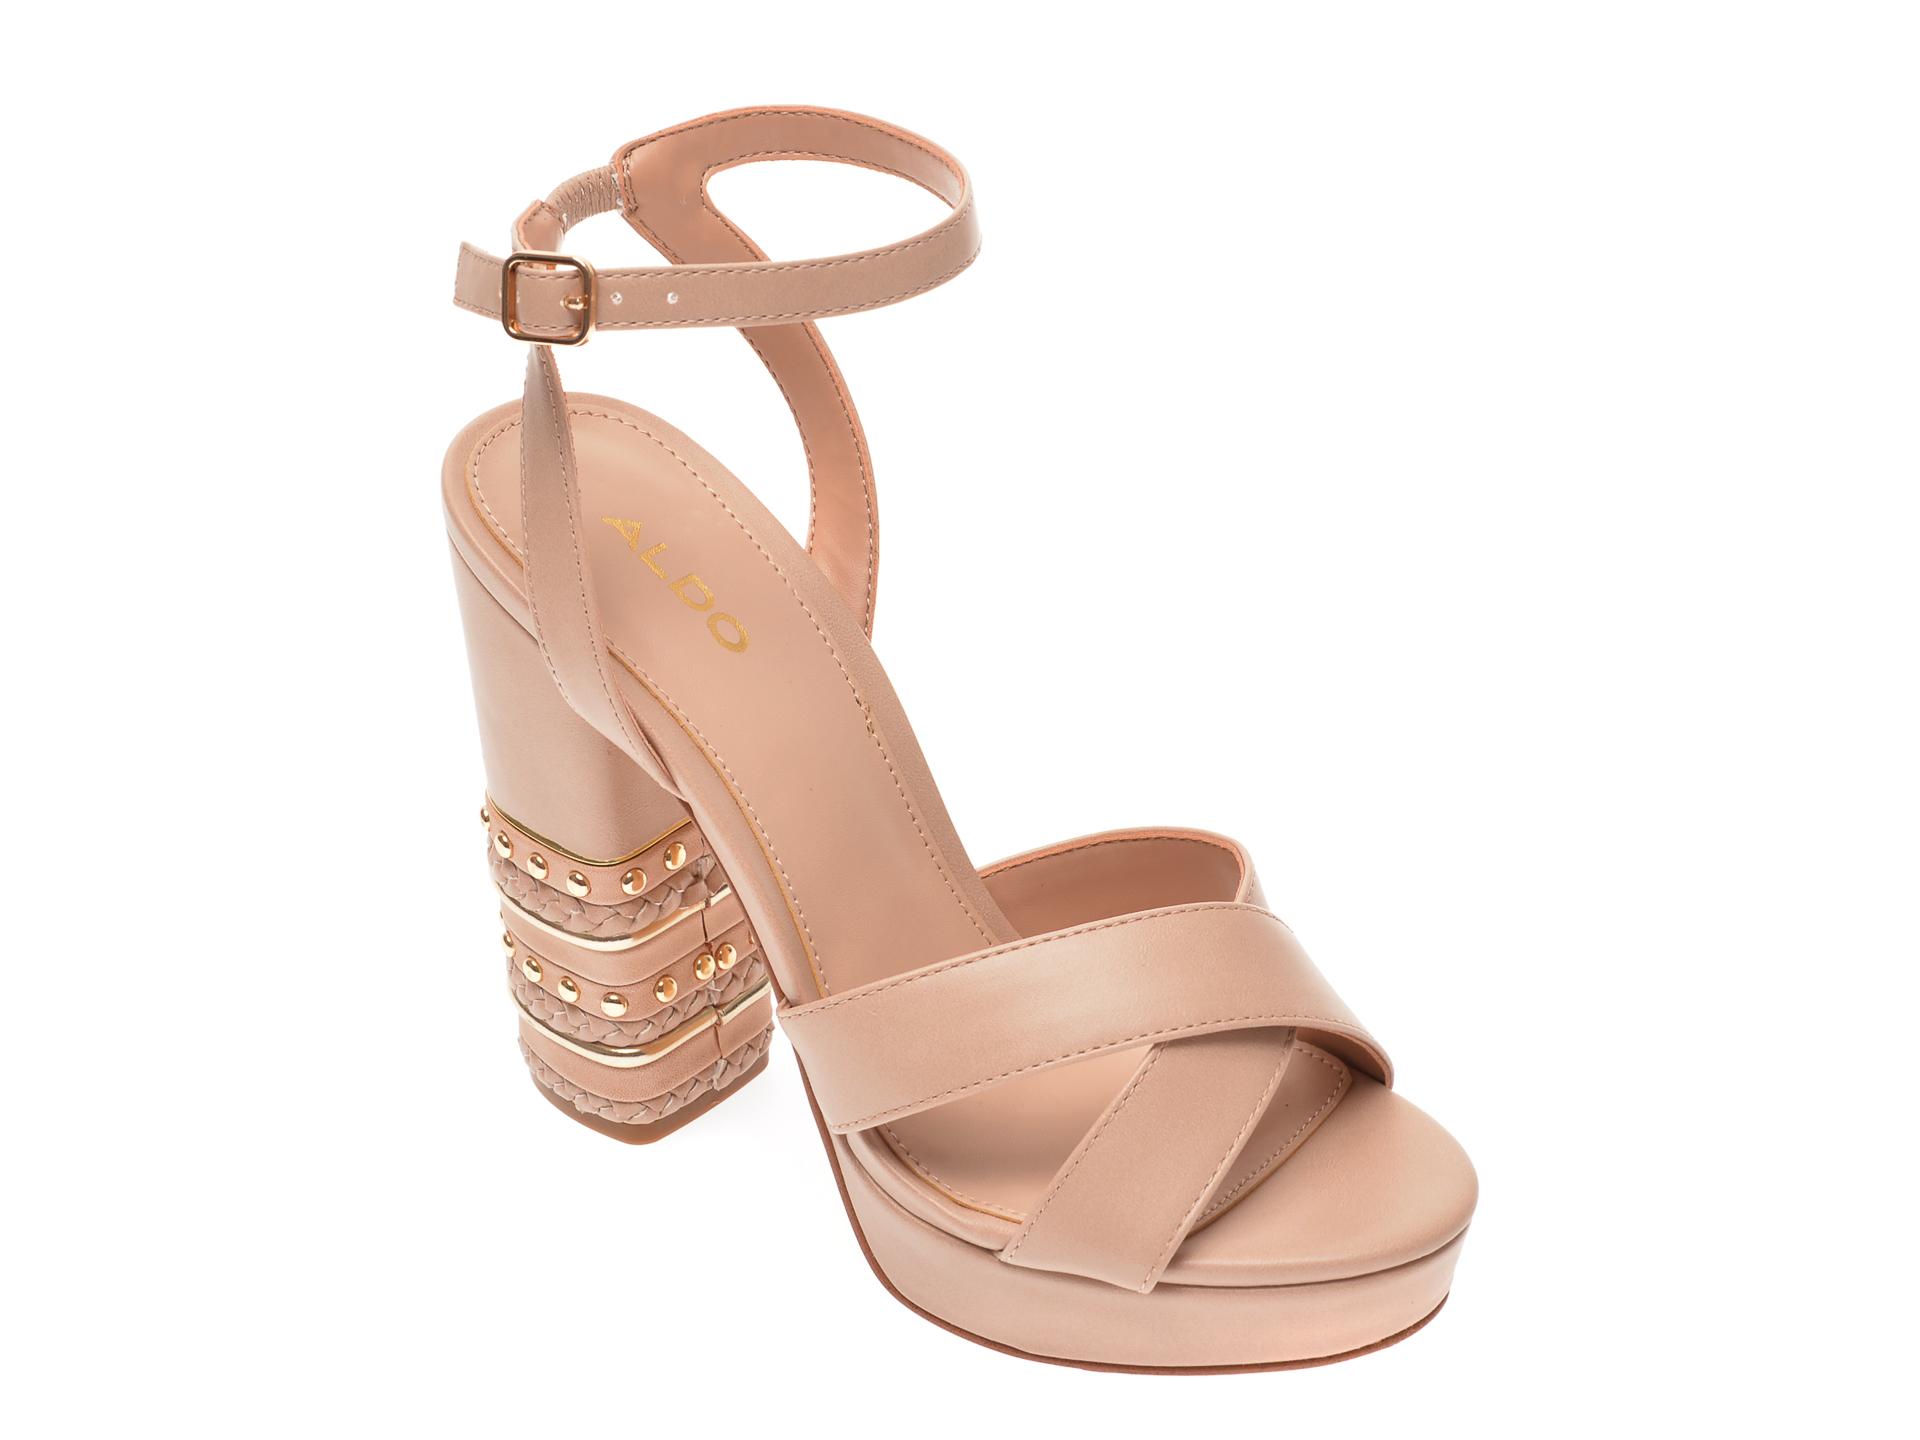 Sandale ALDO nude, Moomba680, din piele ecologica